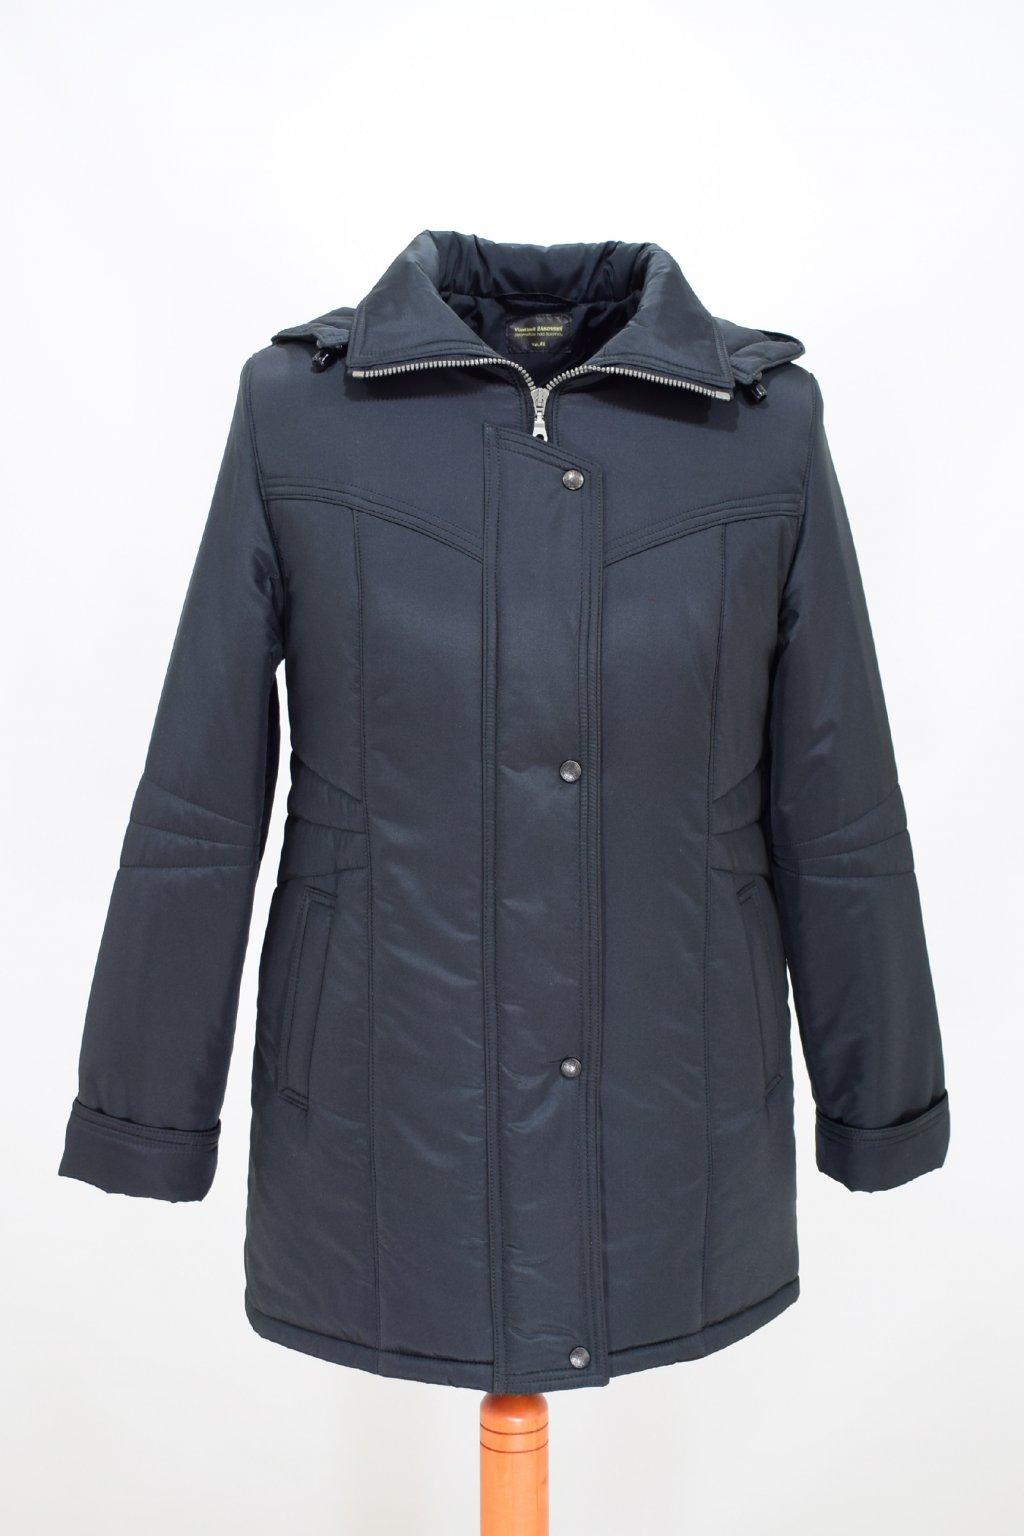 Dámská zimní bunda Kamila černá nadměrné velikosti